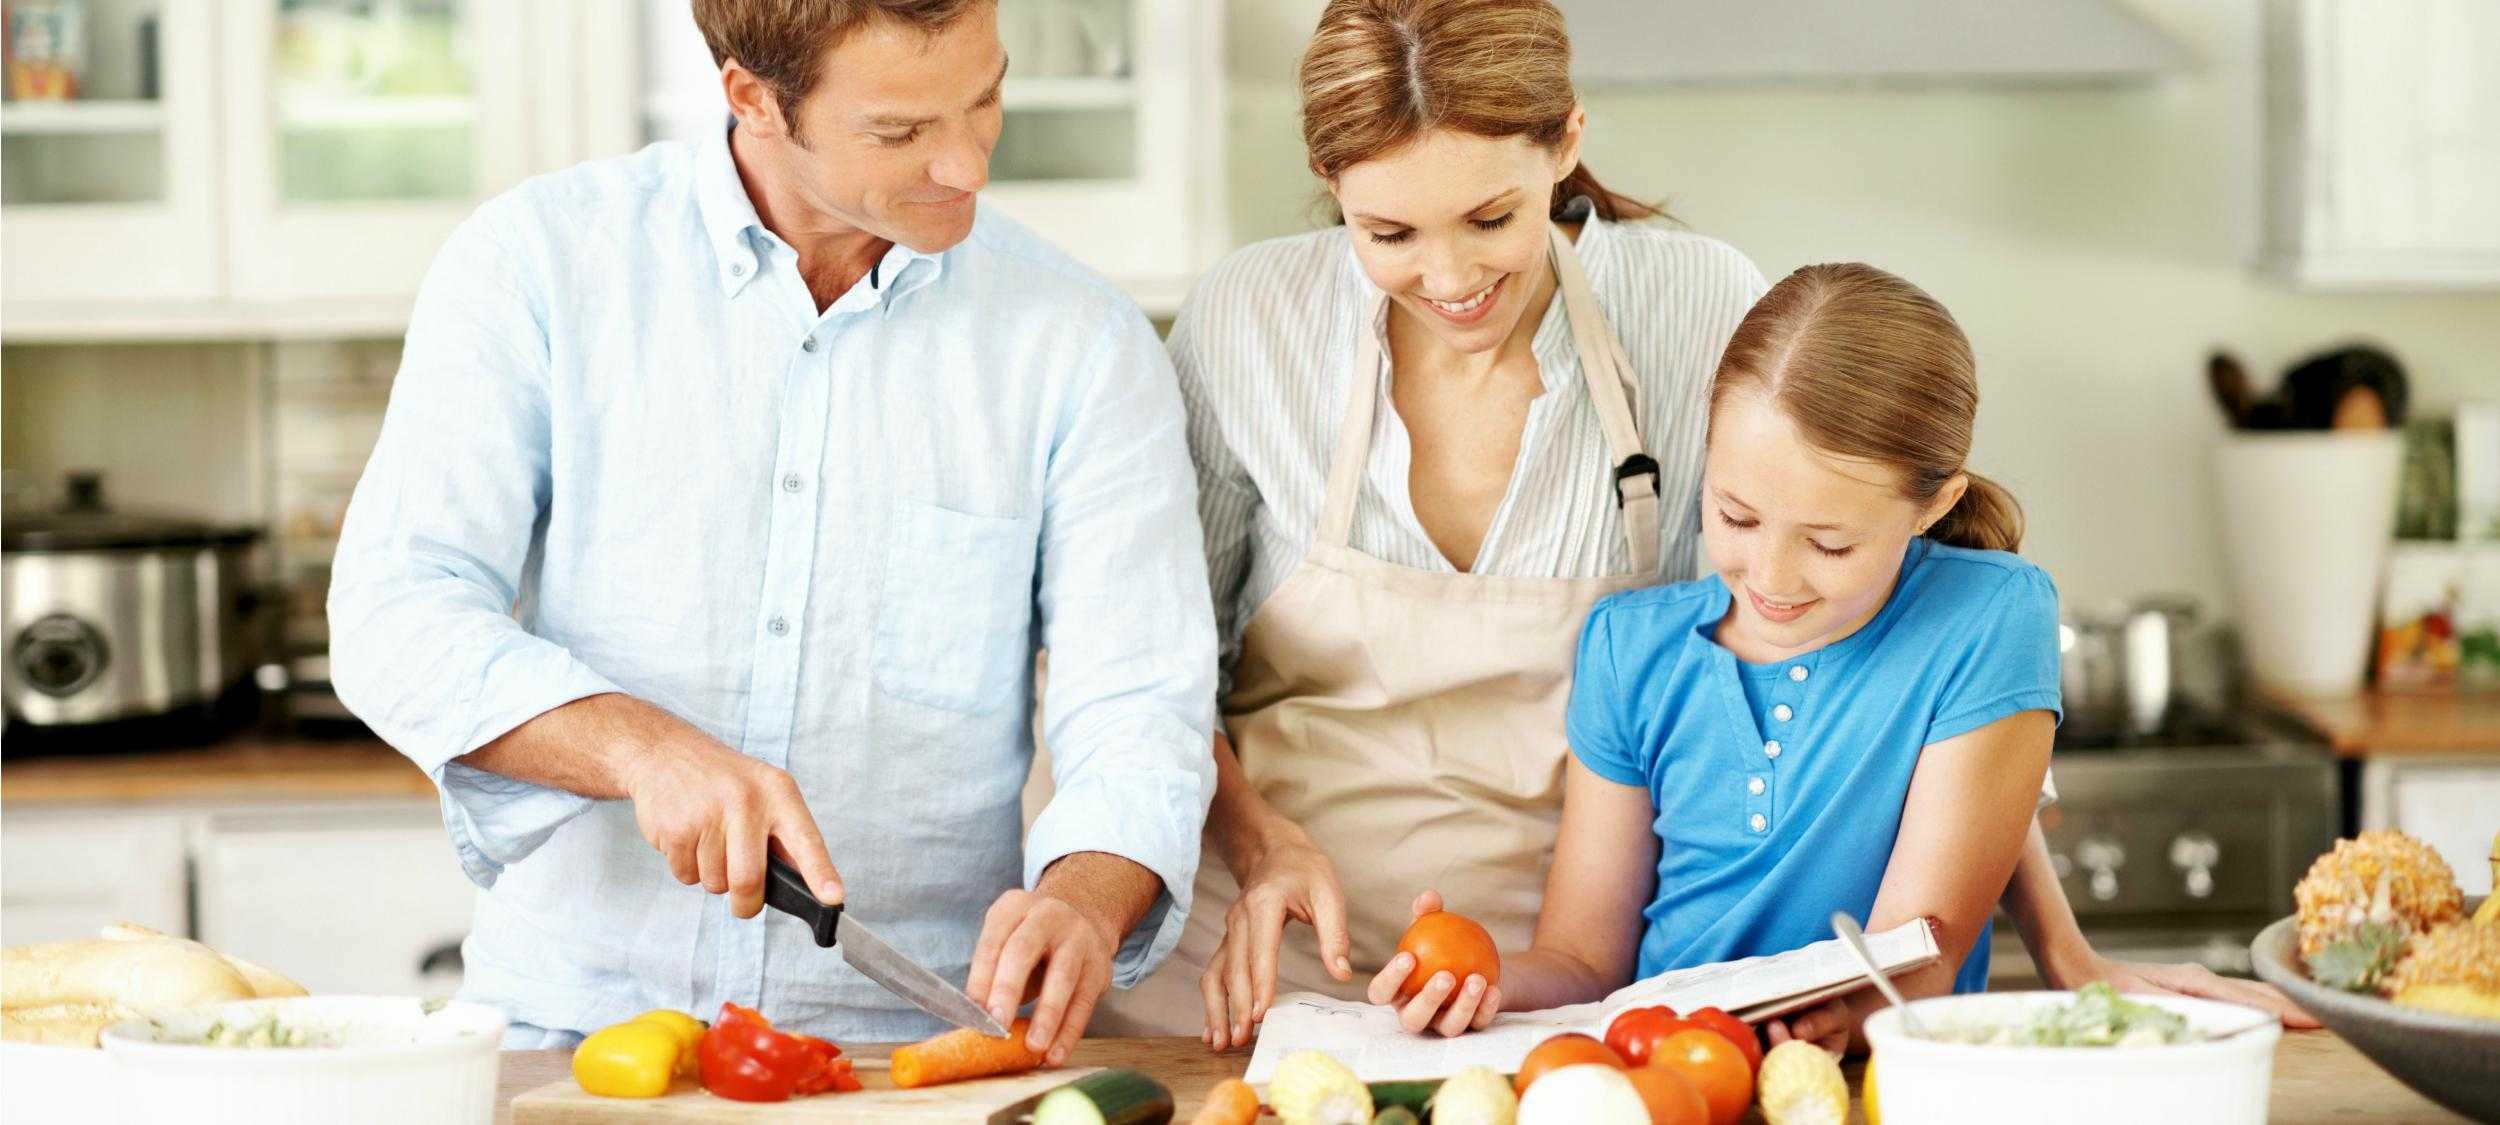 Продукты для правильного питания: полный список, здоровый рацион, что можно, что нельзя, таблица здорового питания